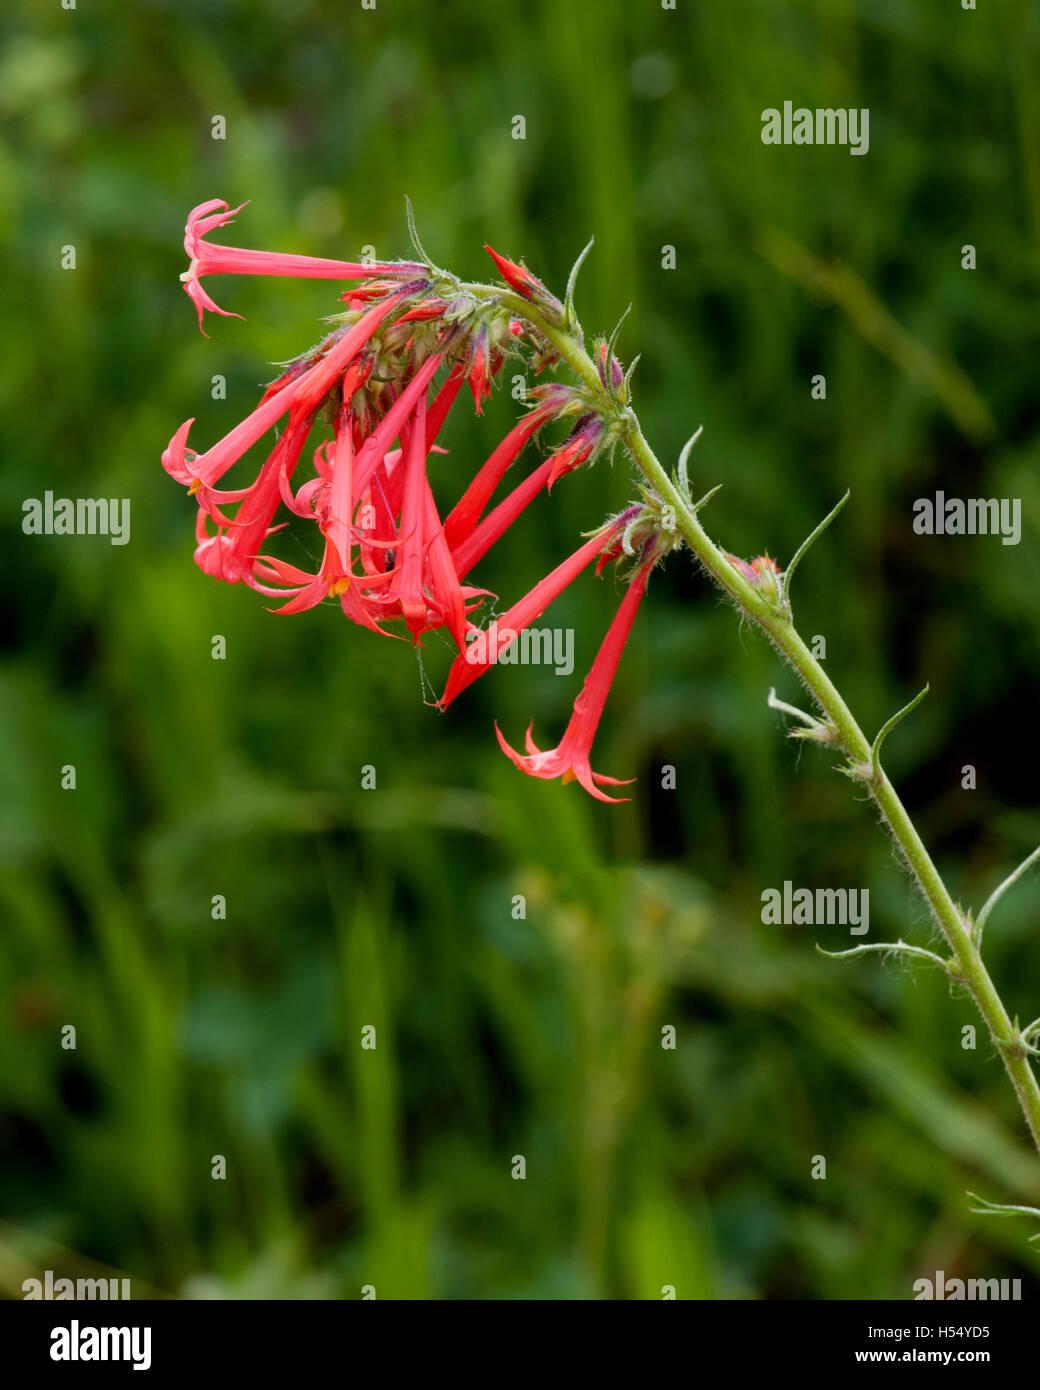 Scarlet Gilia aka Fairy Trumpet (Ipomopsis aggregata) - Stock Image